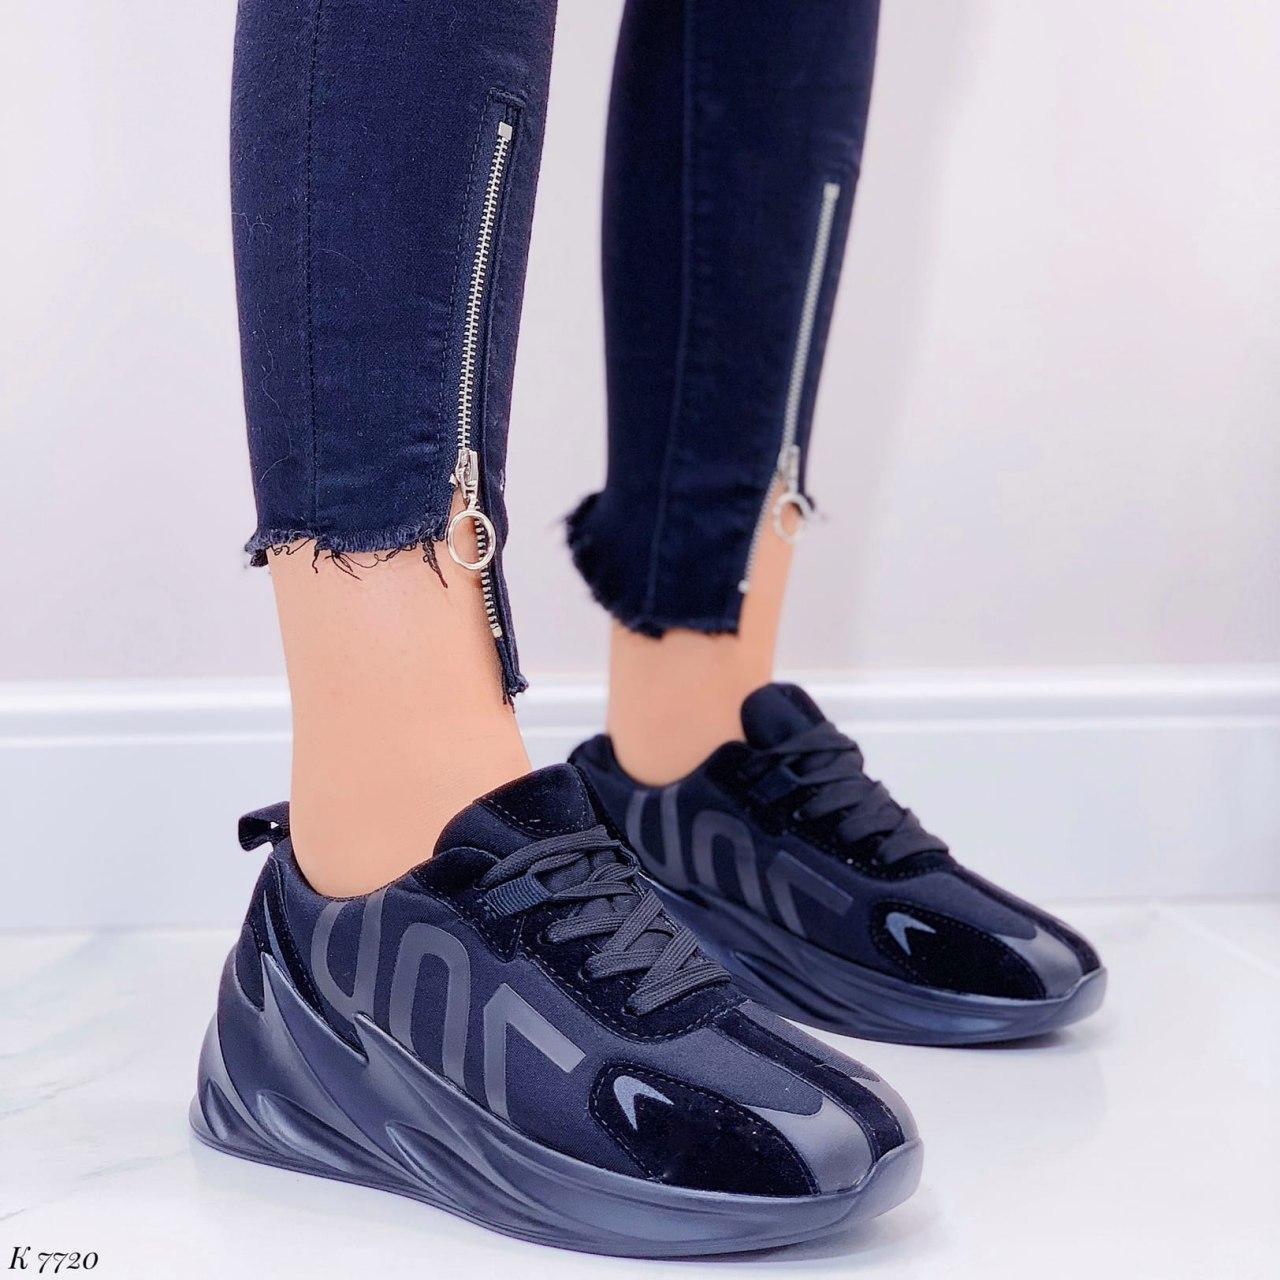 Кросівки жіночі чорні на платформі текстильні. Кросівки жіночі чорні на платформі